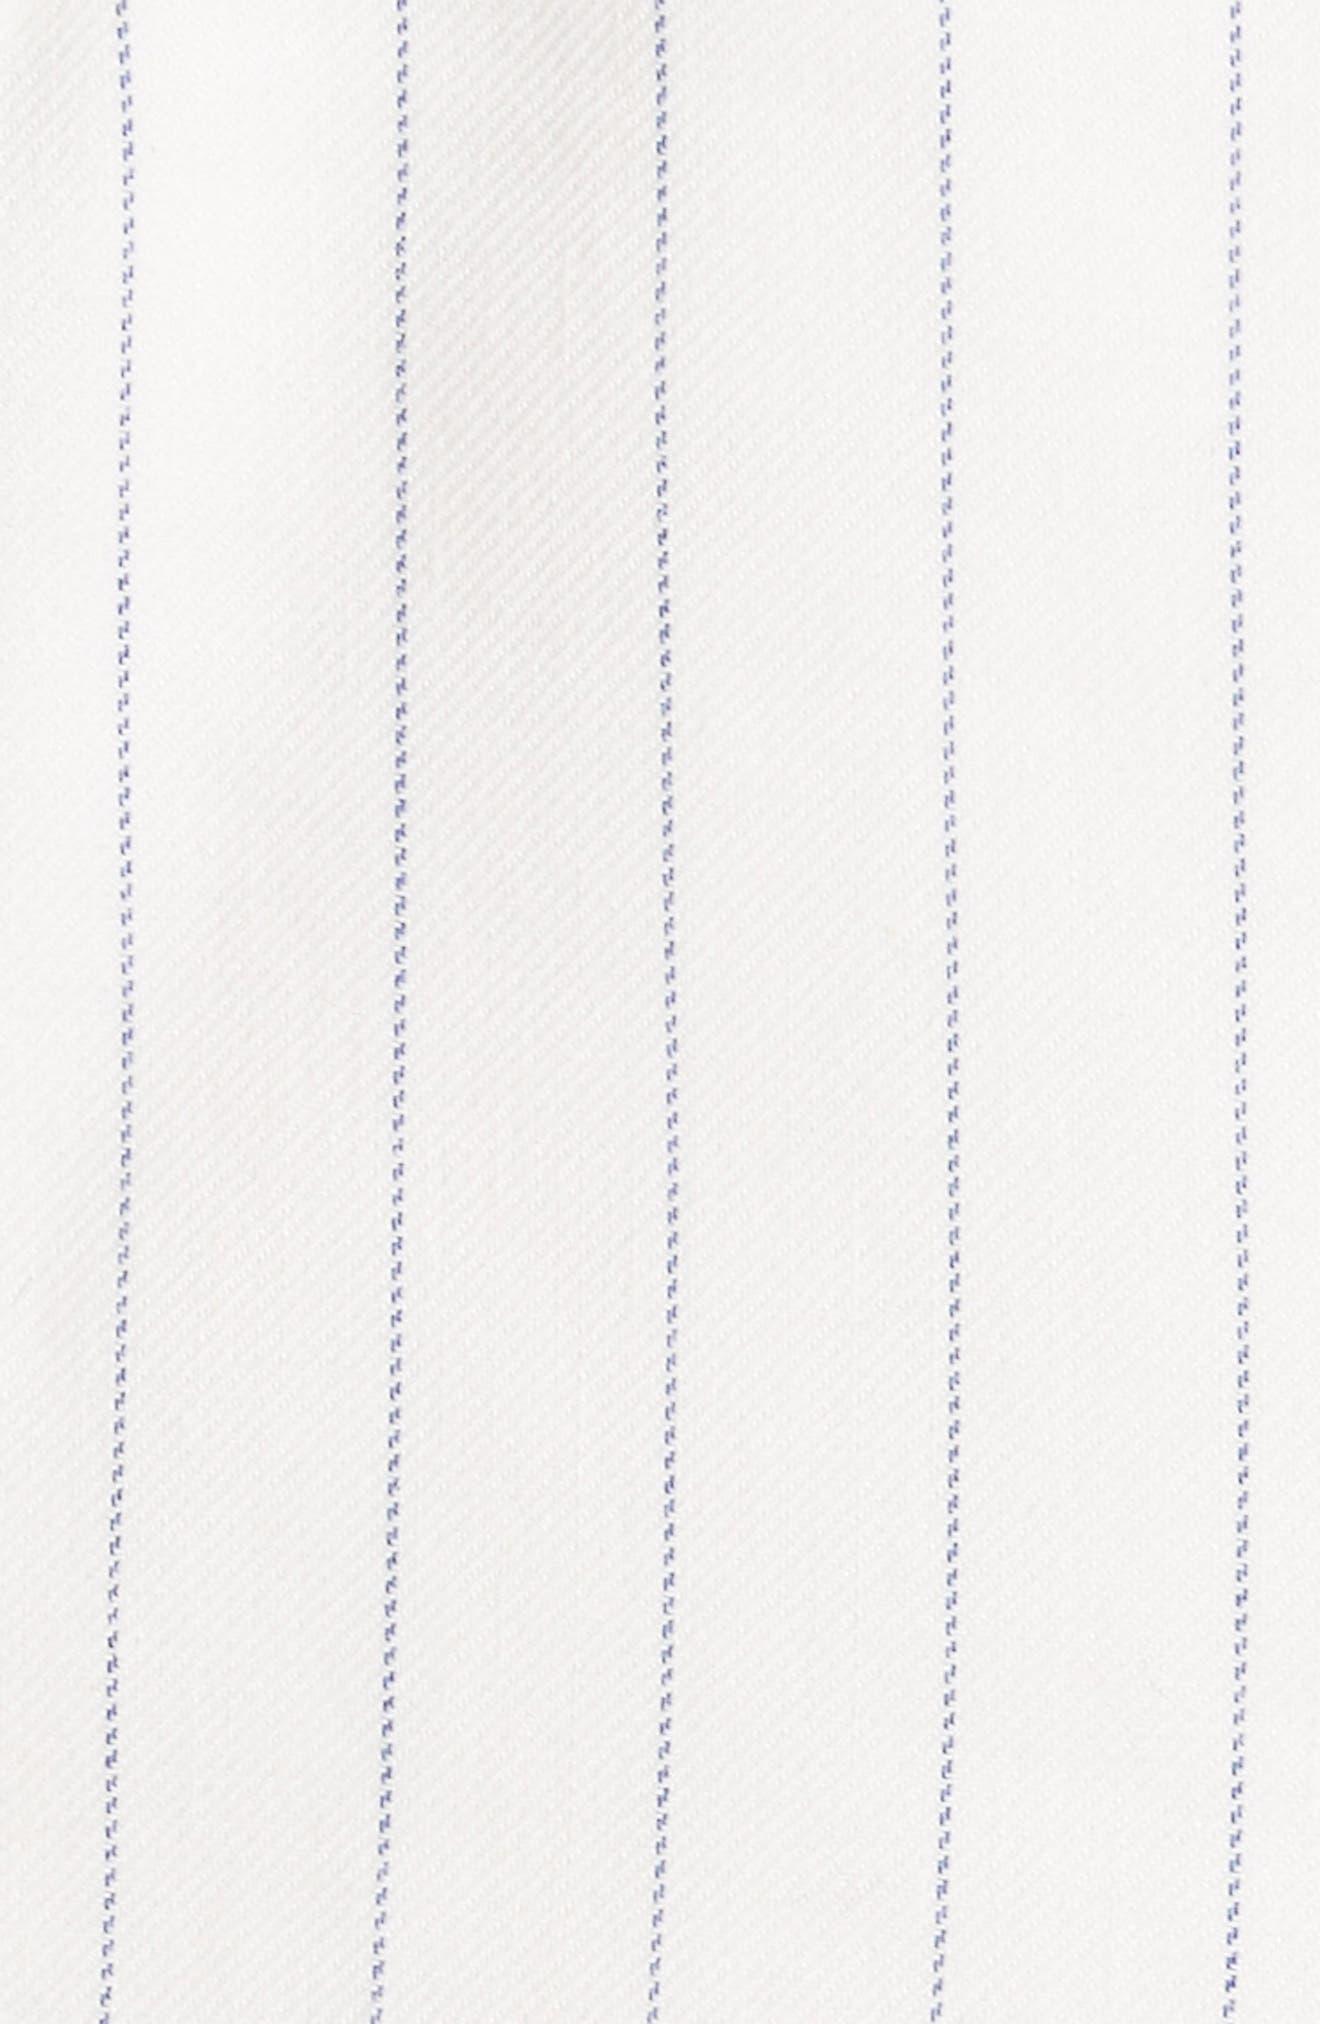 Apollo Pinstripe Jacket,                             Alternate thumbnail 5, color,                             Off White/ Blue Stripe